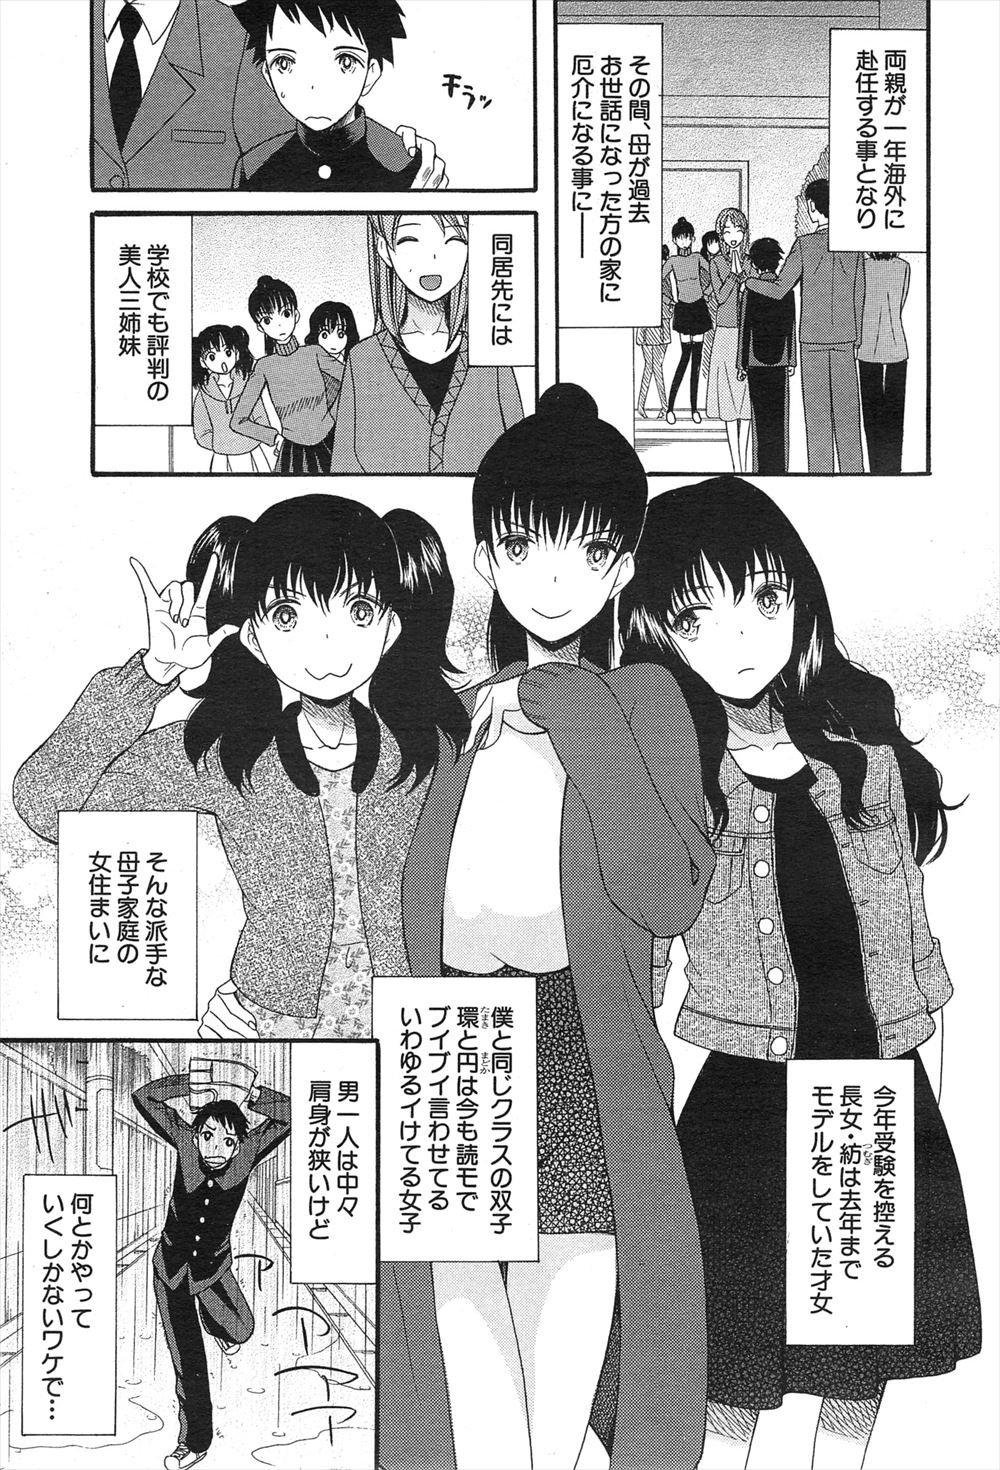 両親の海外赴任で美人3姉妹と同居することになった男子はきつい性格の3姉妹にオモチャにされてしまい女装されてしまうとすごい美少女になっちゃって…【エロ漫画同人誌】 003